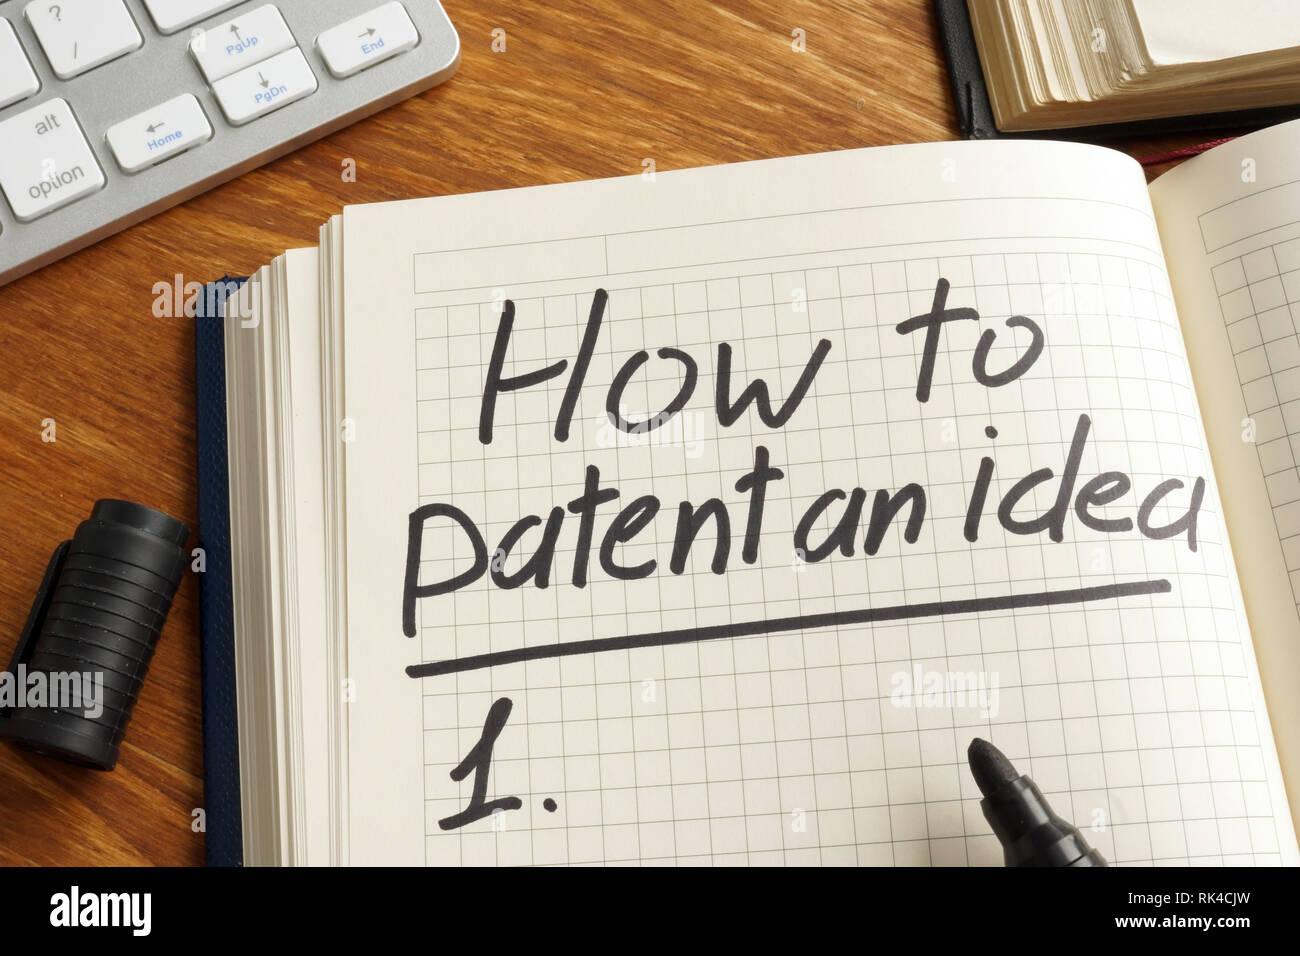 Cómo patentar una idea, escrito en la nota. La ley de derechos de autor. Foto de stock